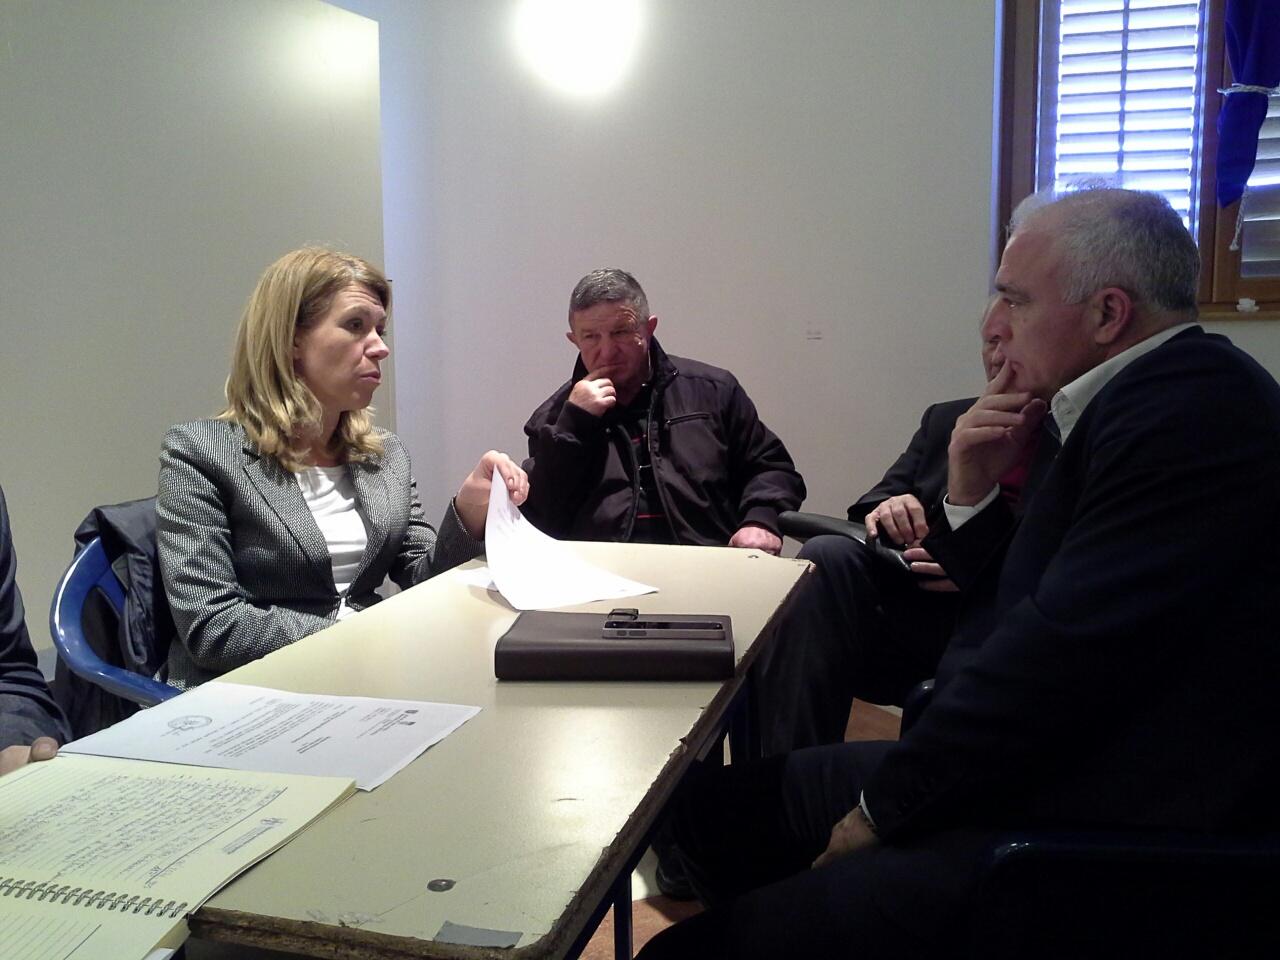 Župan održao radni sastanak sa čelnicima općina Primošten i Rogoznica